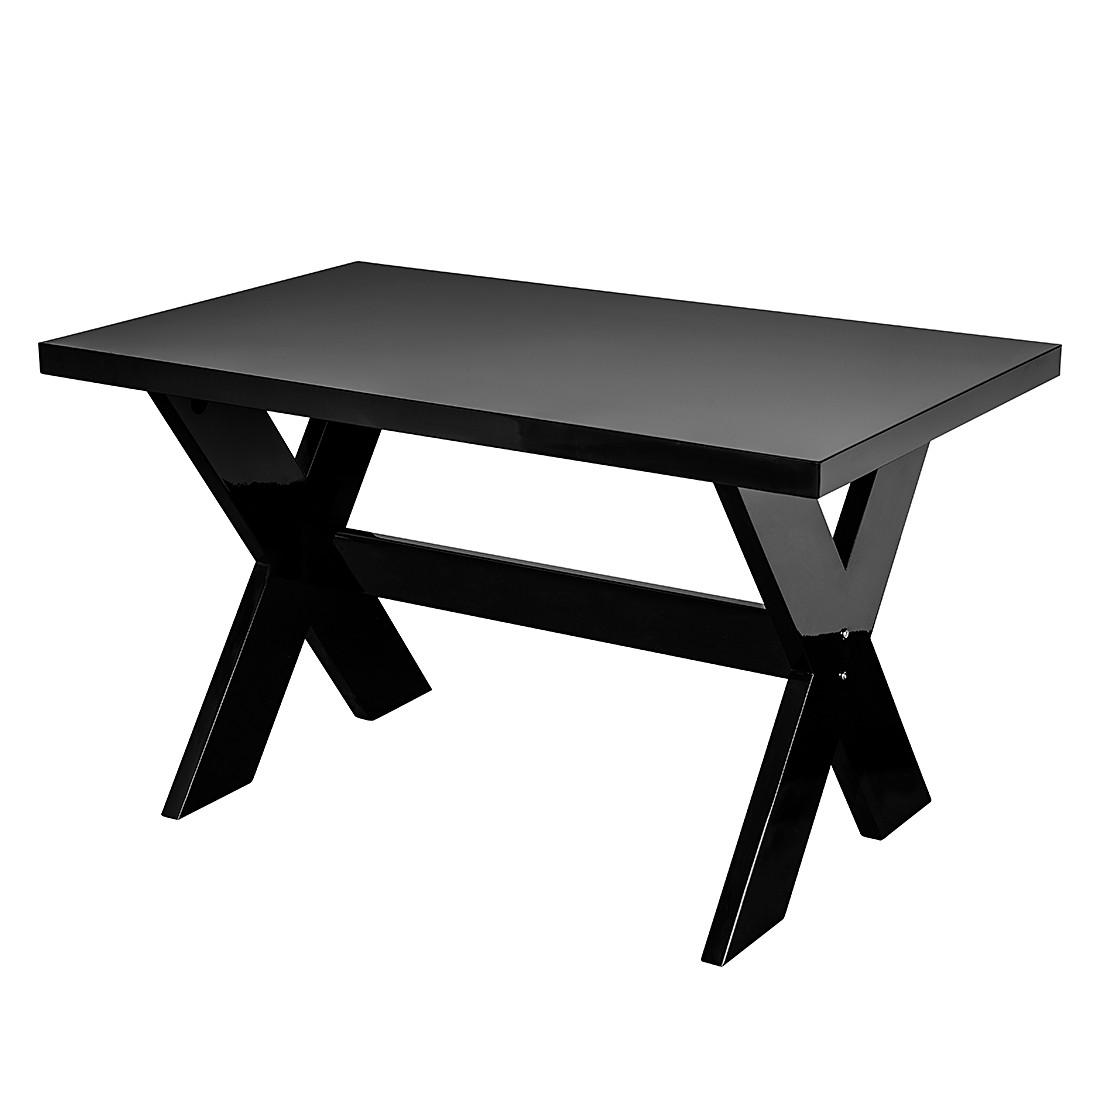 esstisch hochglanz preisvergleich die besten angebote online kaufen. Black Bedroom Furniture Sets. Home Design Ideas